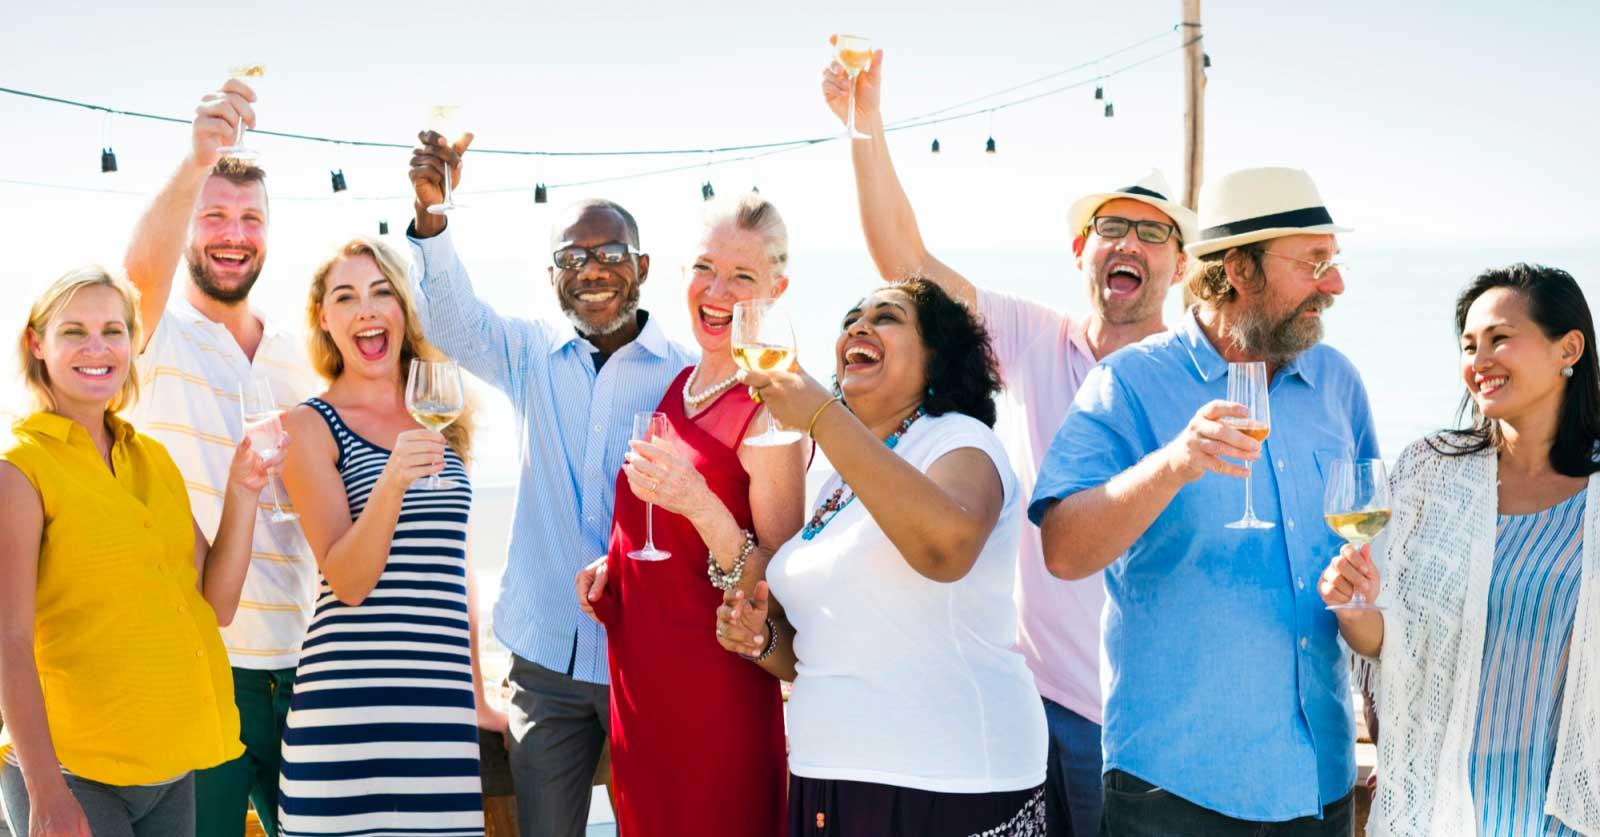 Ecco i giochi di gruppo per adulti da fare alle feste!